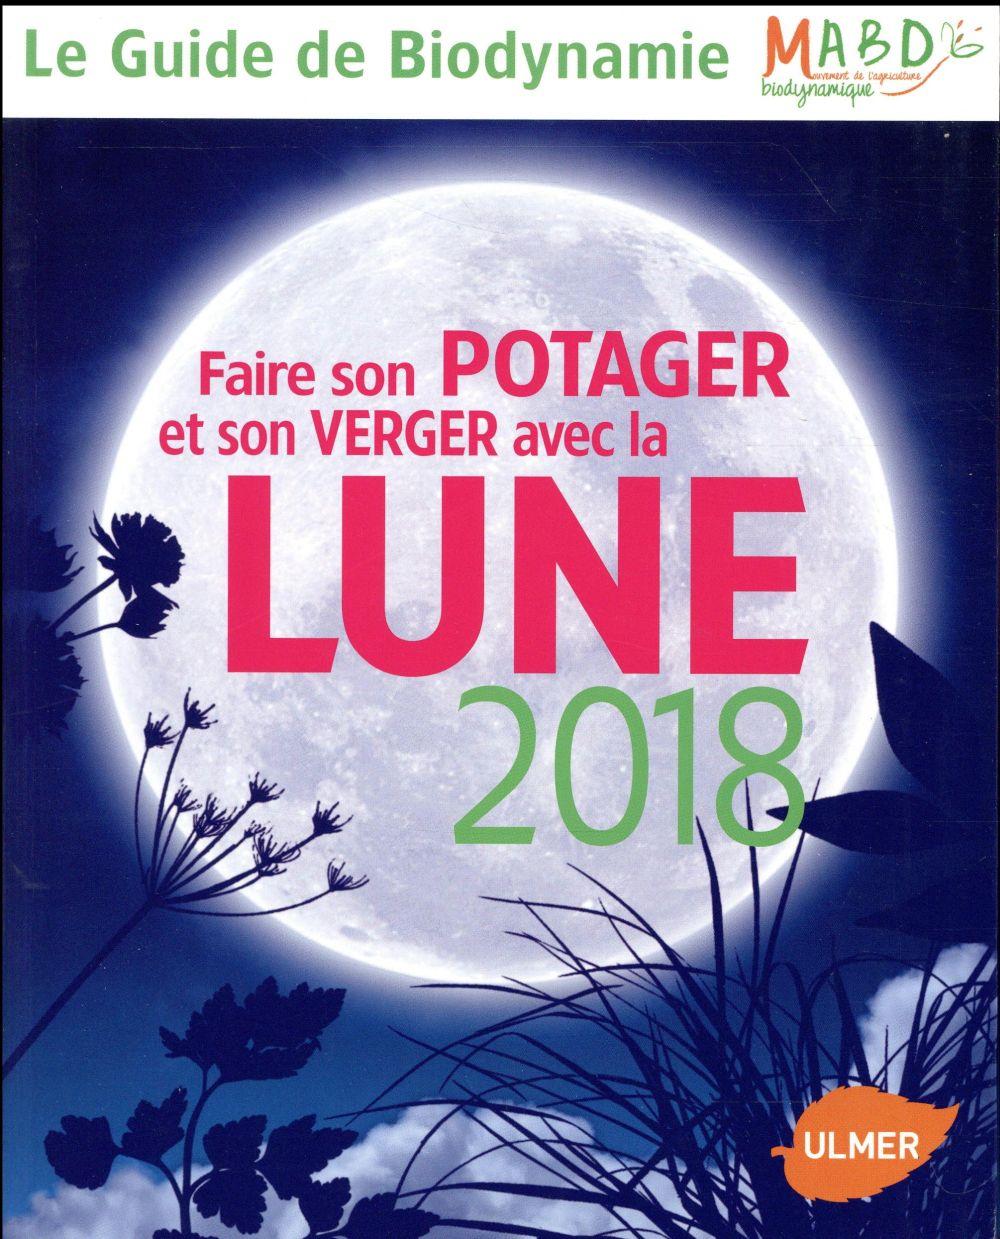 faire son potager et son verger avec la lune (édition 2018)